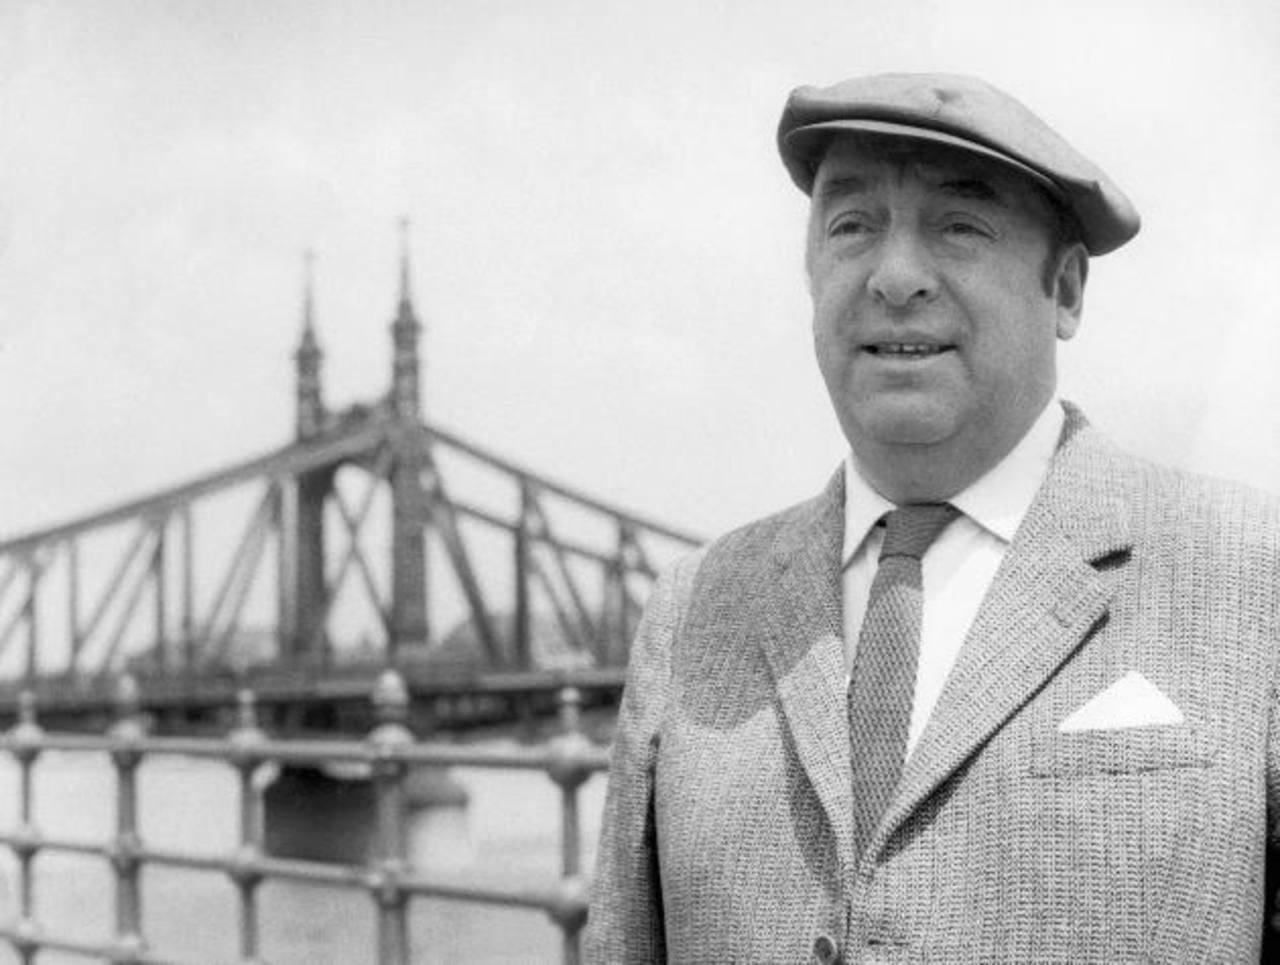 """La celebración del cumpleaños de Pablo Neruda incluirá , la donación de una """"Biblioteca multilingüe Pablo Neruda""""."""